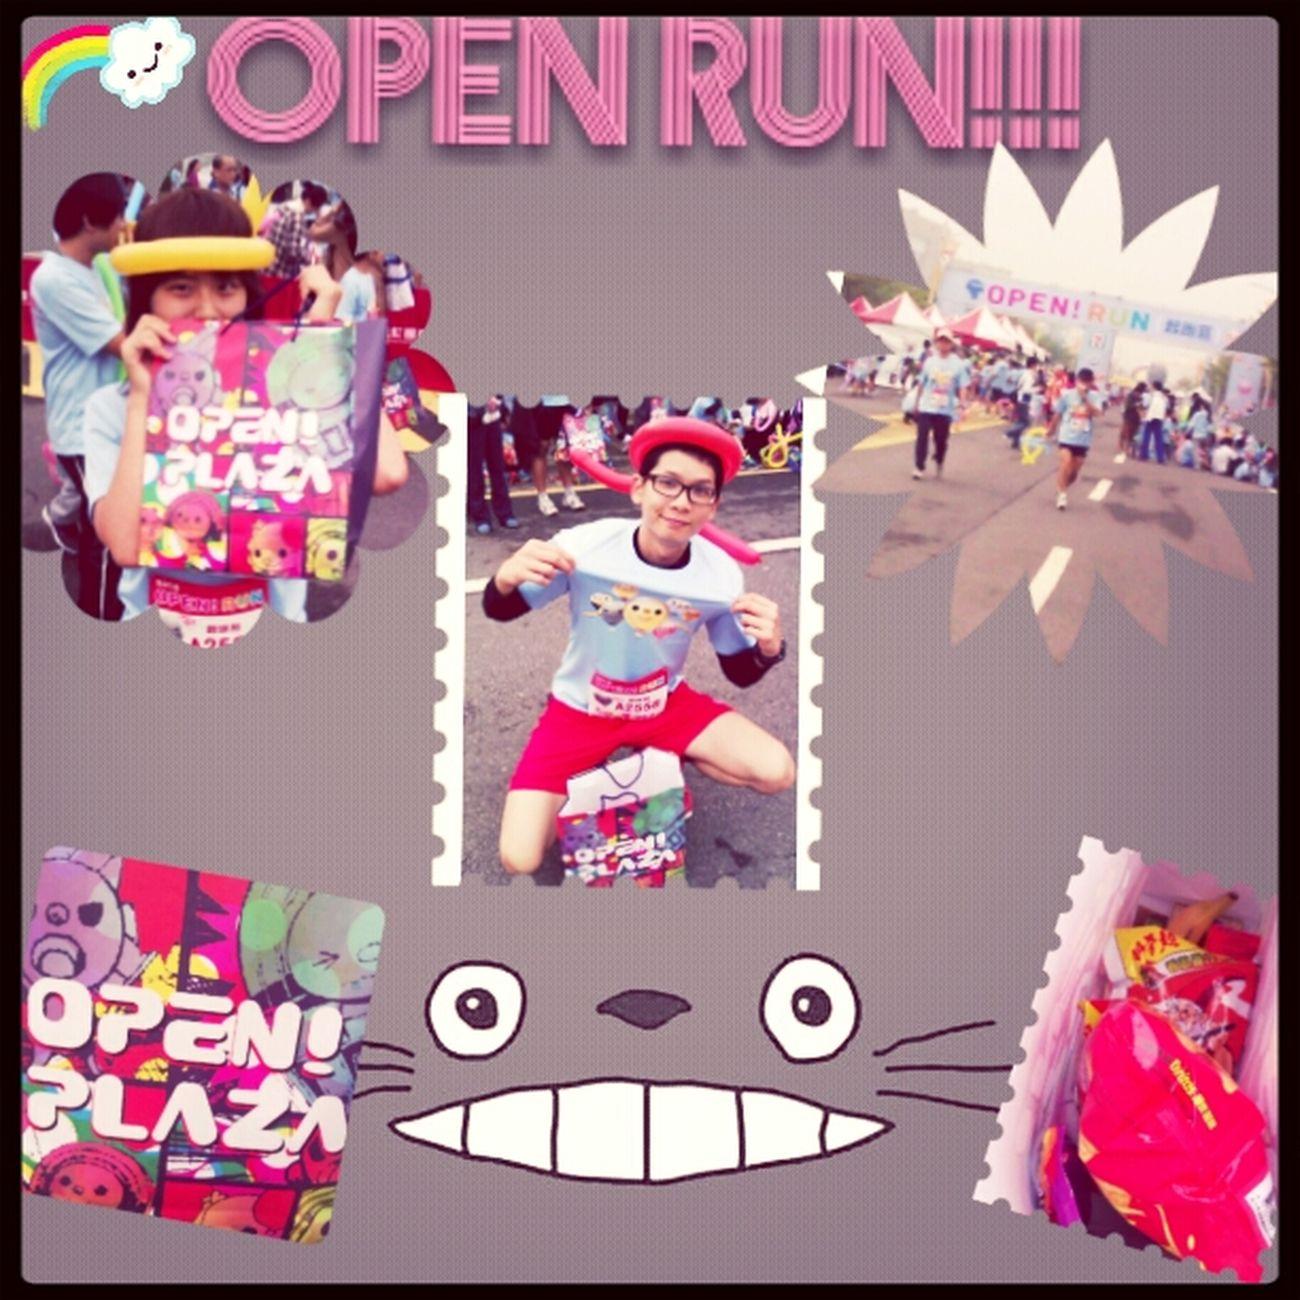 OPEN RUN!!!!!!